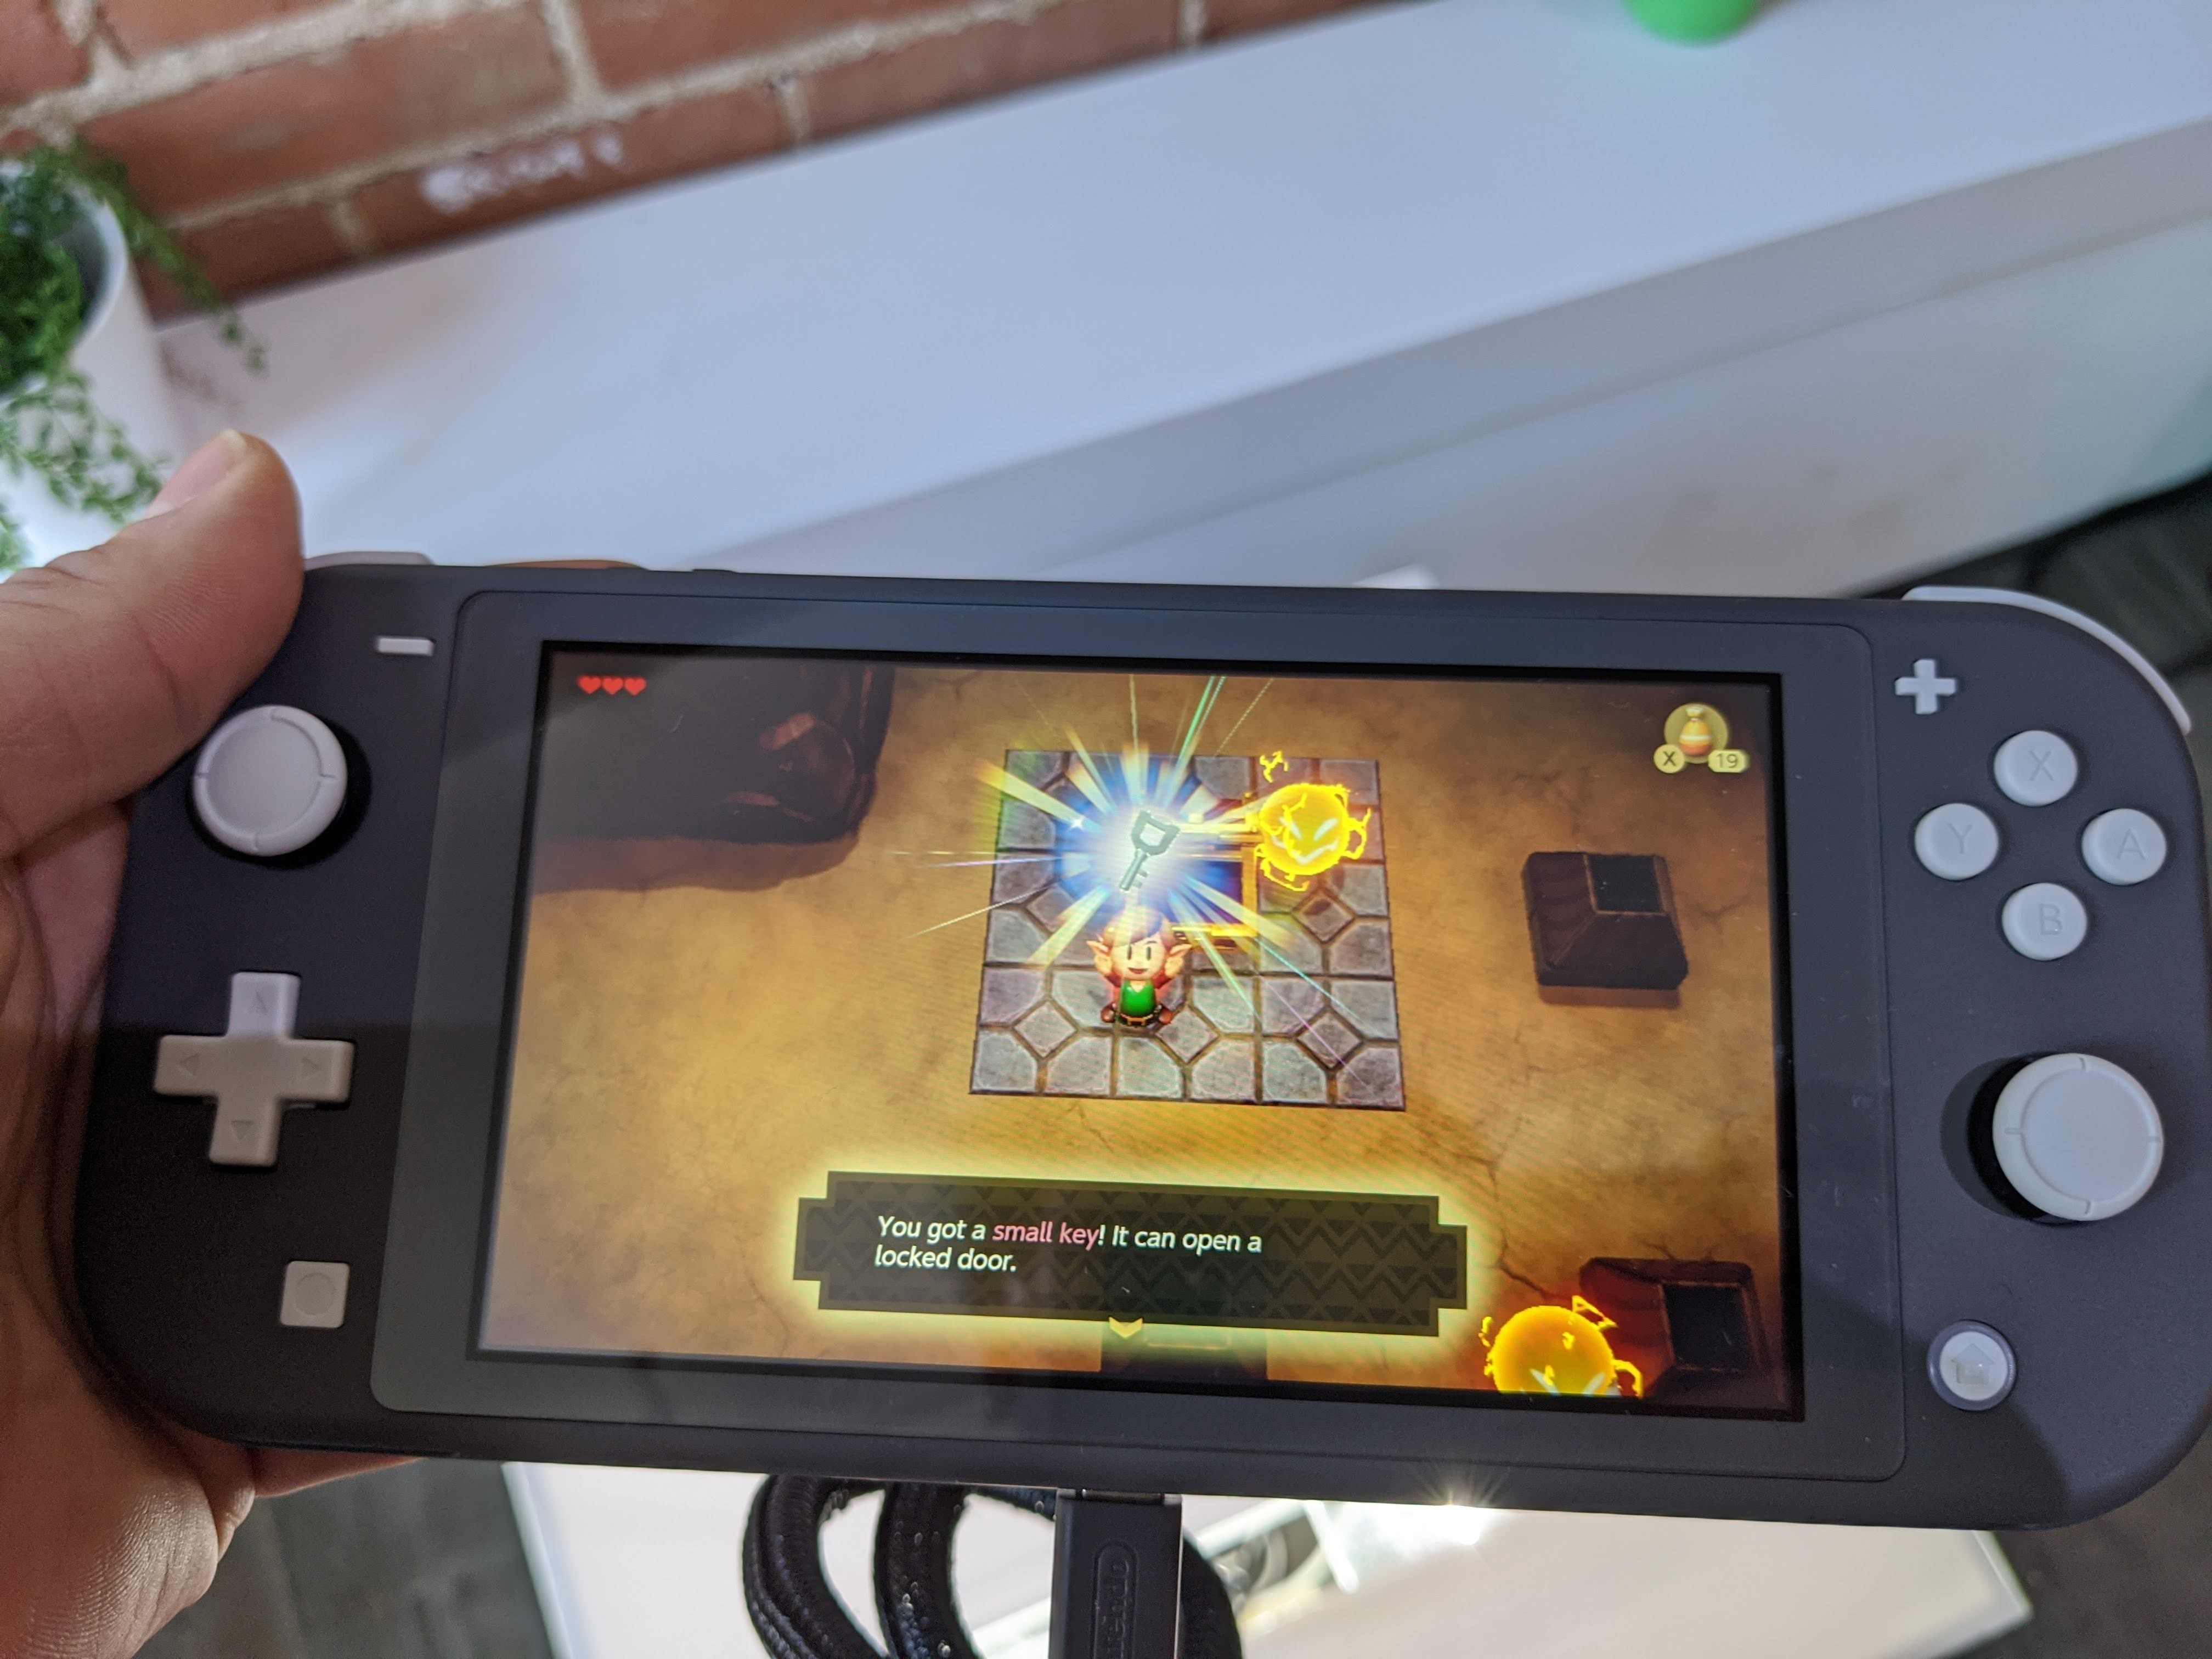 Zelda : Link's Awakening, est une nouvelle version d'un jeu sorti à l'époque sur la console Gameboy